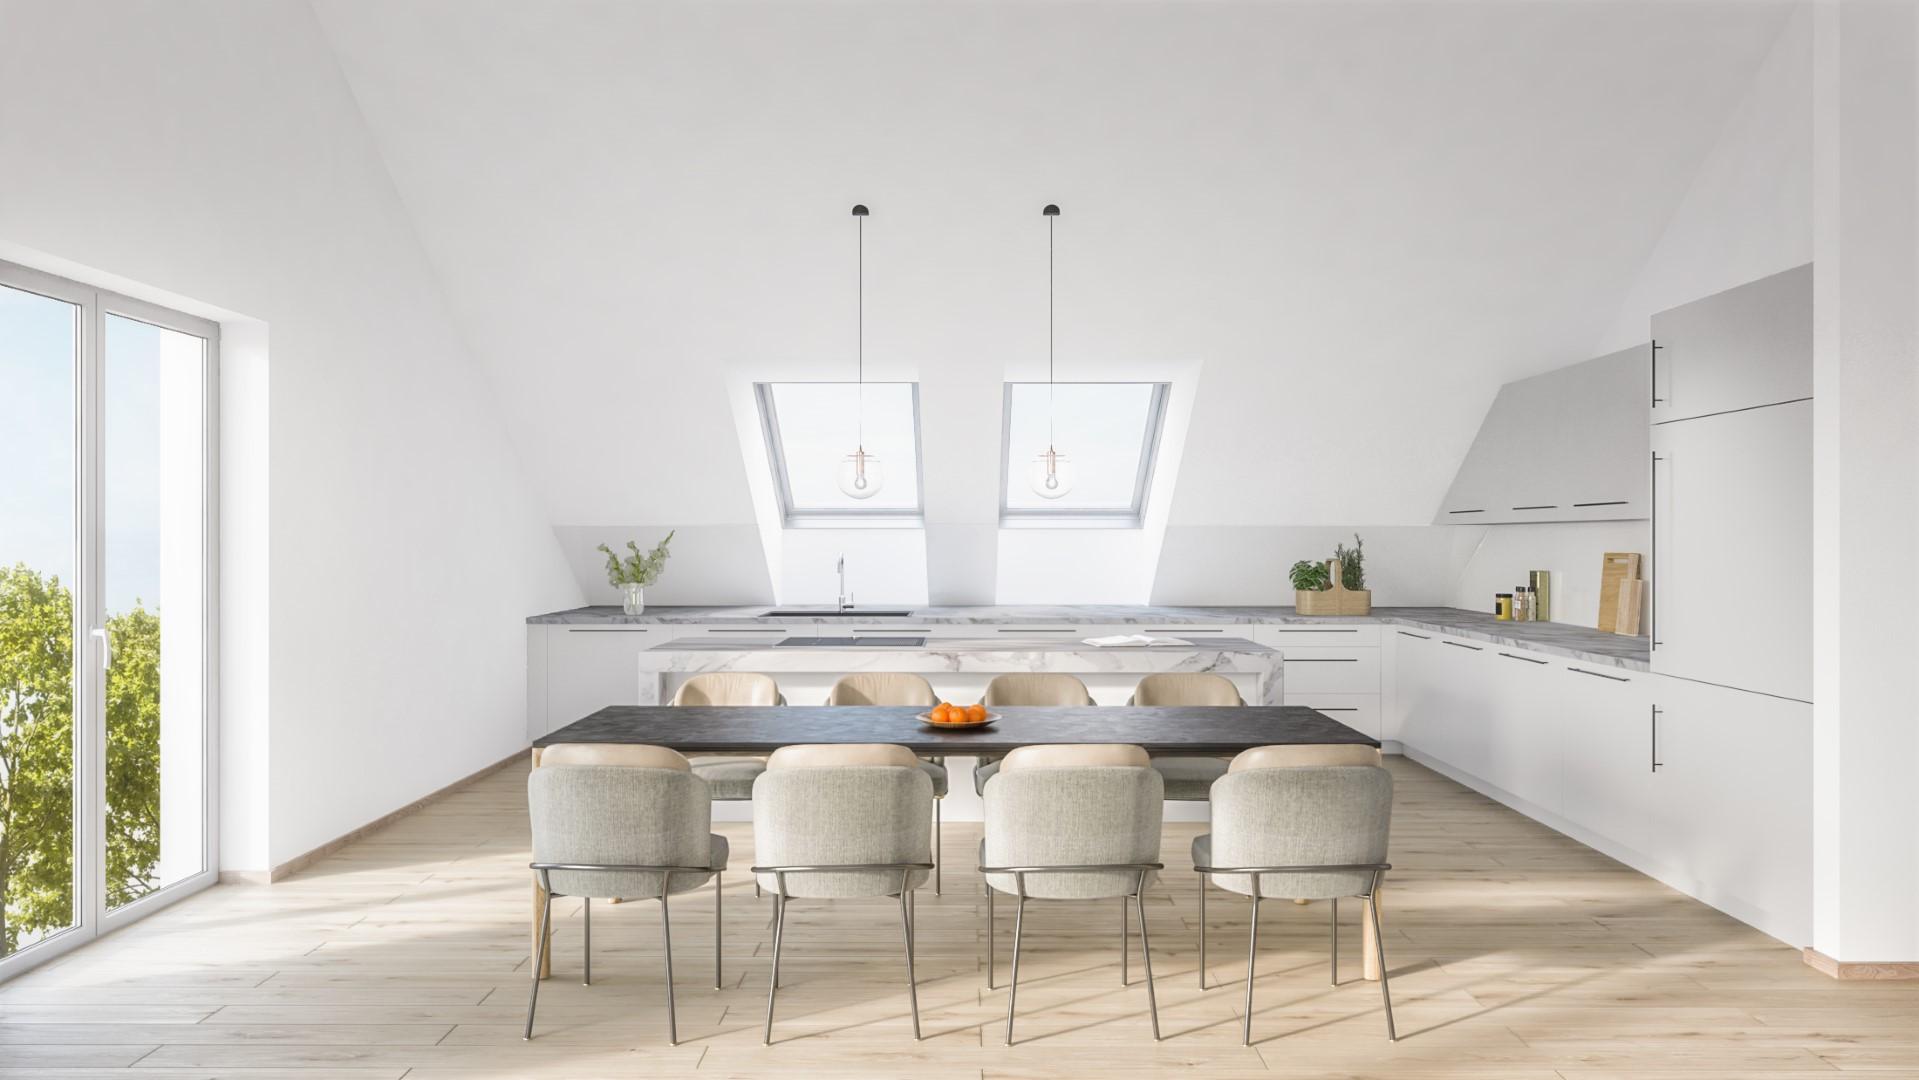 Komfortwohnen in ruhiger Citylage von Hilden - Küche Essen Dachgeschoss